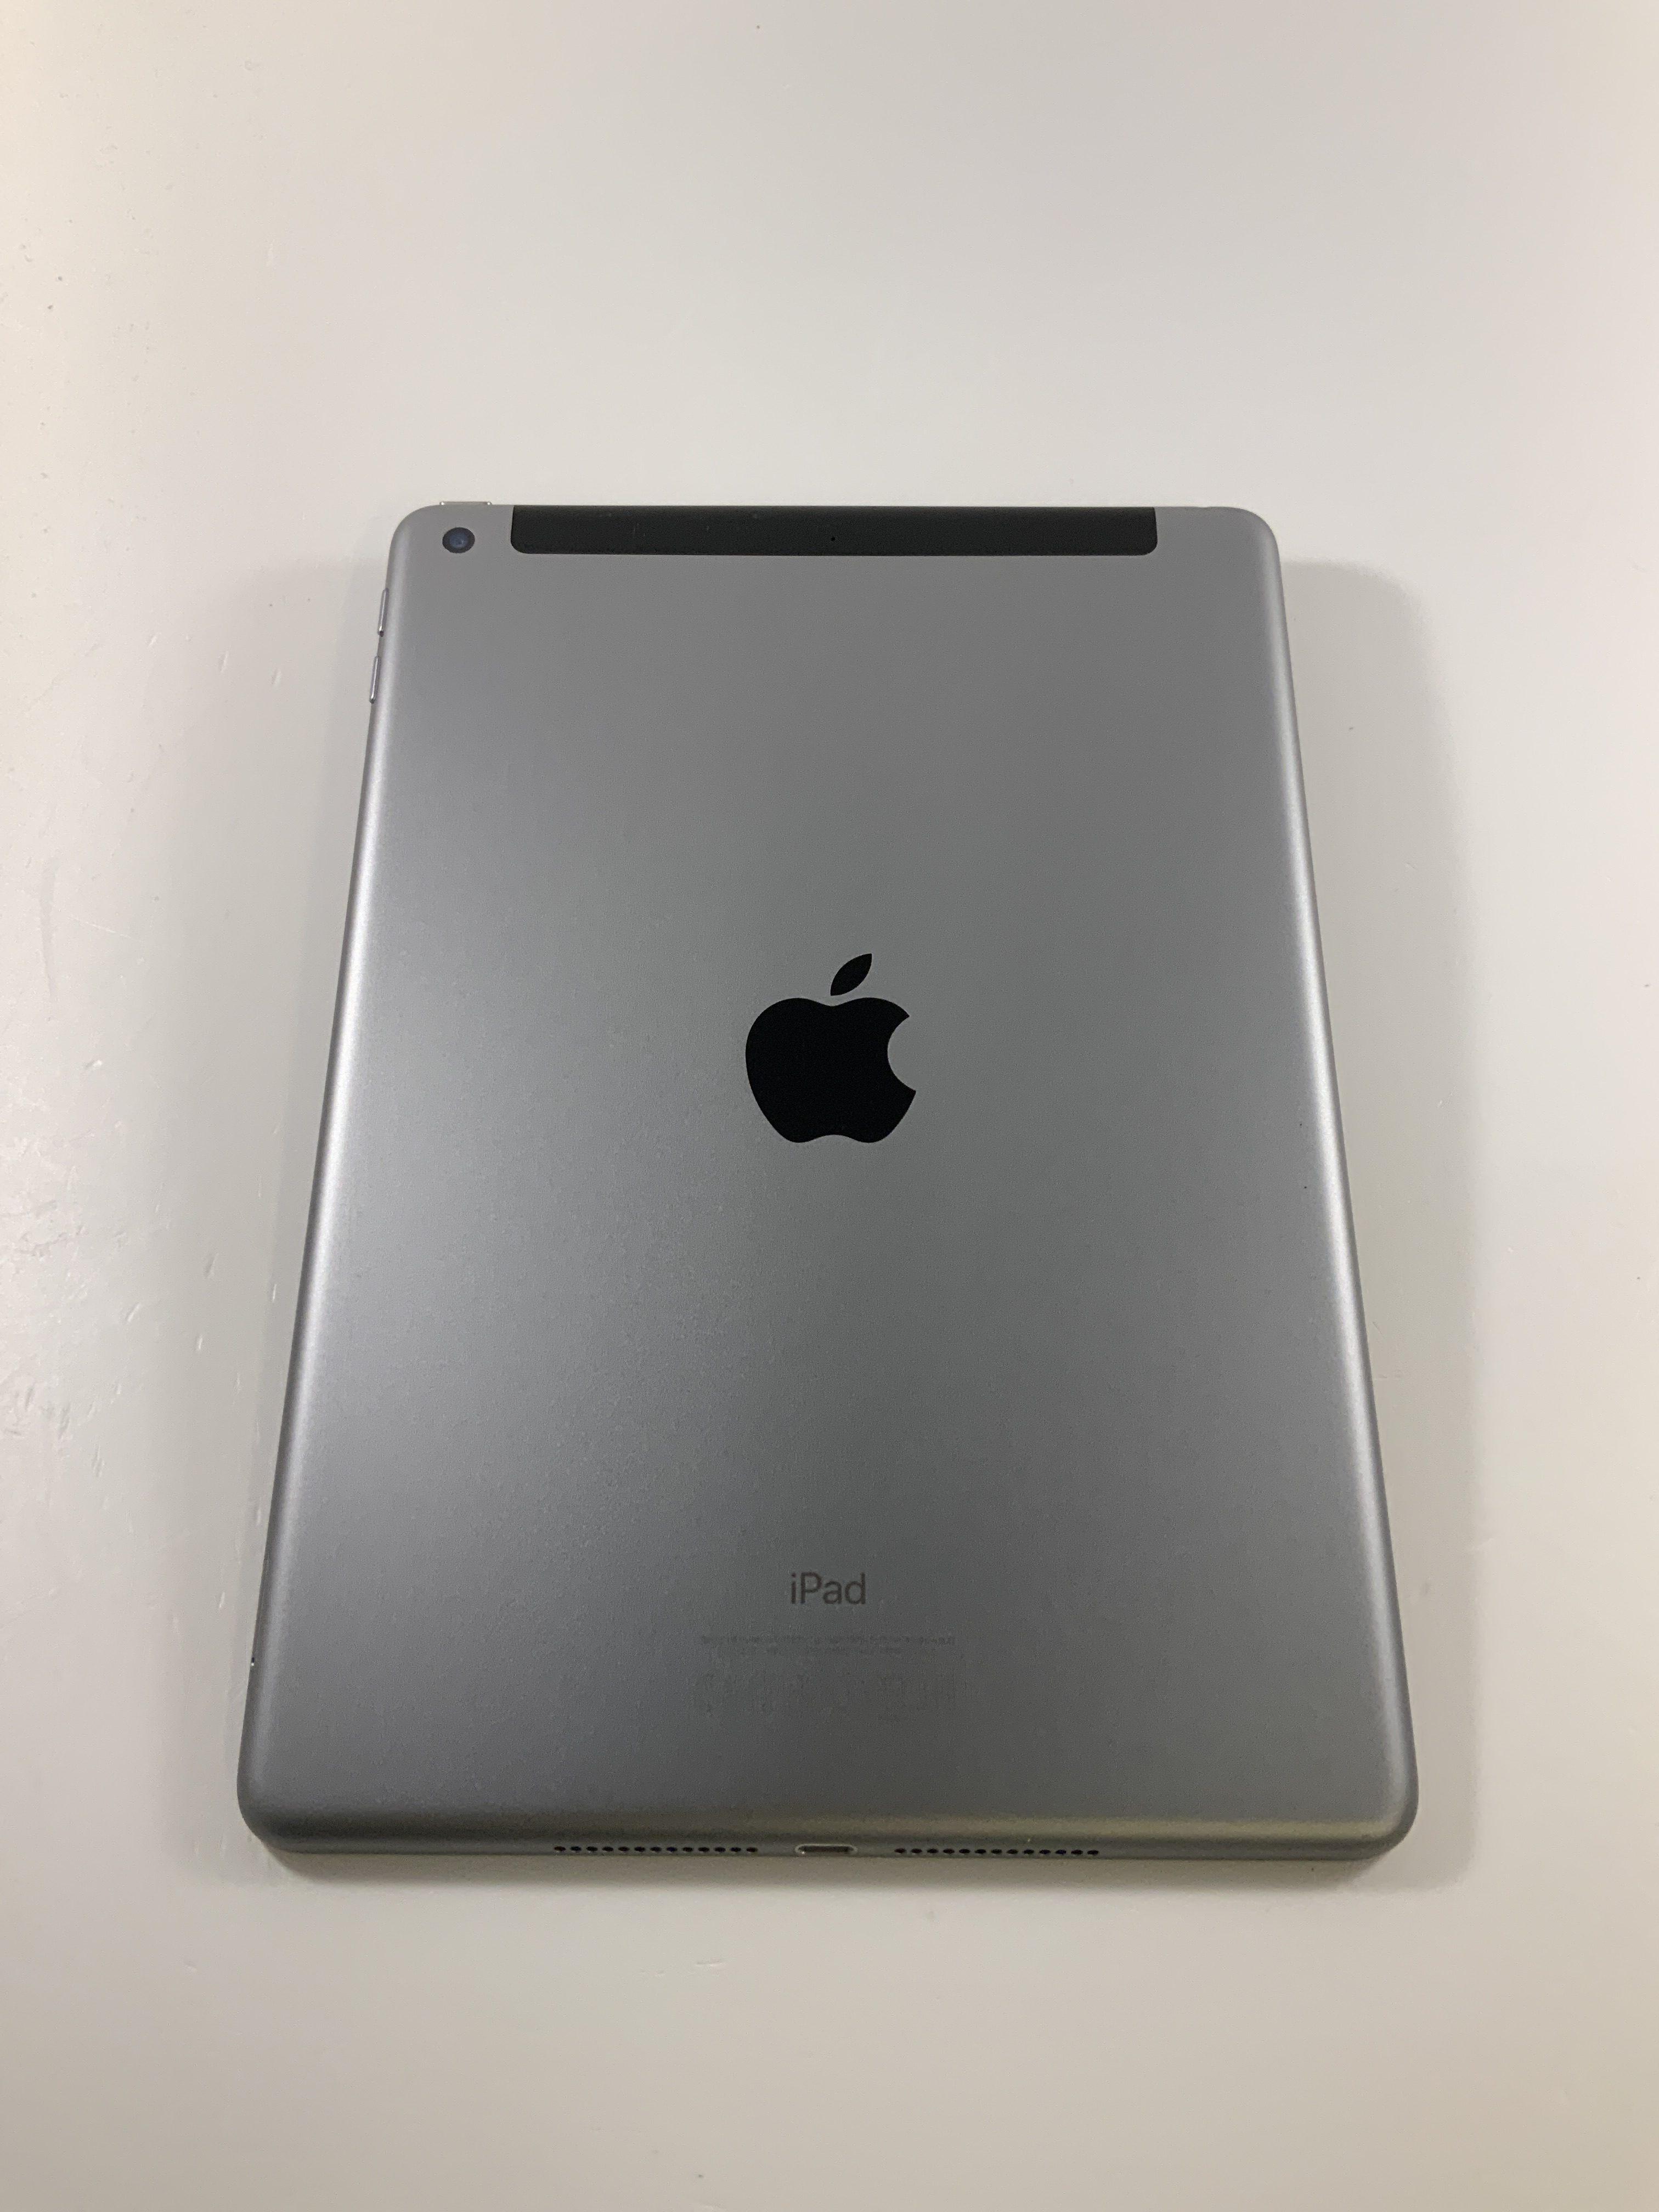 iPad 5 Wi-Fi + Cellular 128GB, 128GB, Space Gray, Afbeelding 2